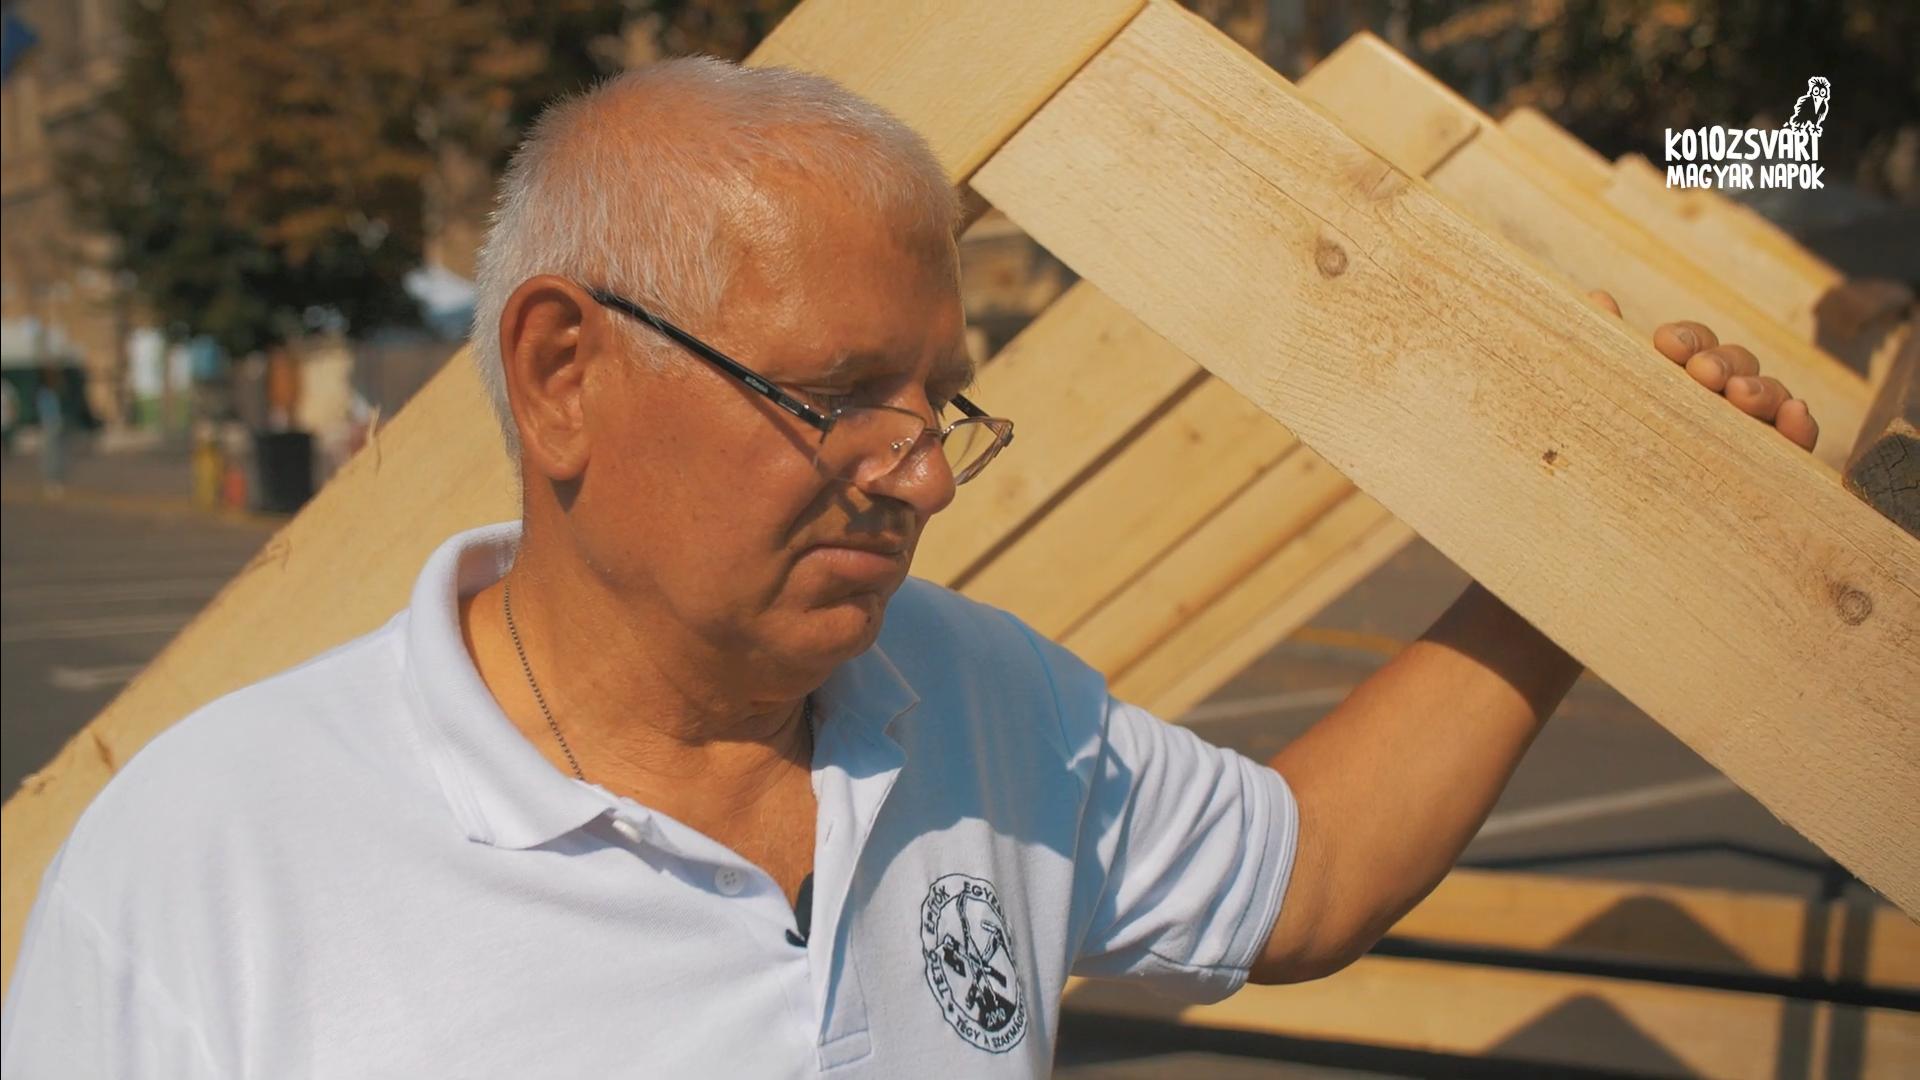 10. KMN – Petar Ilijin ácsmester